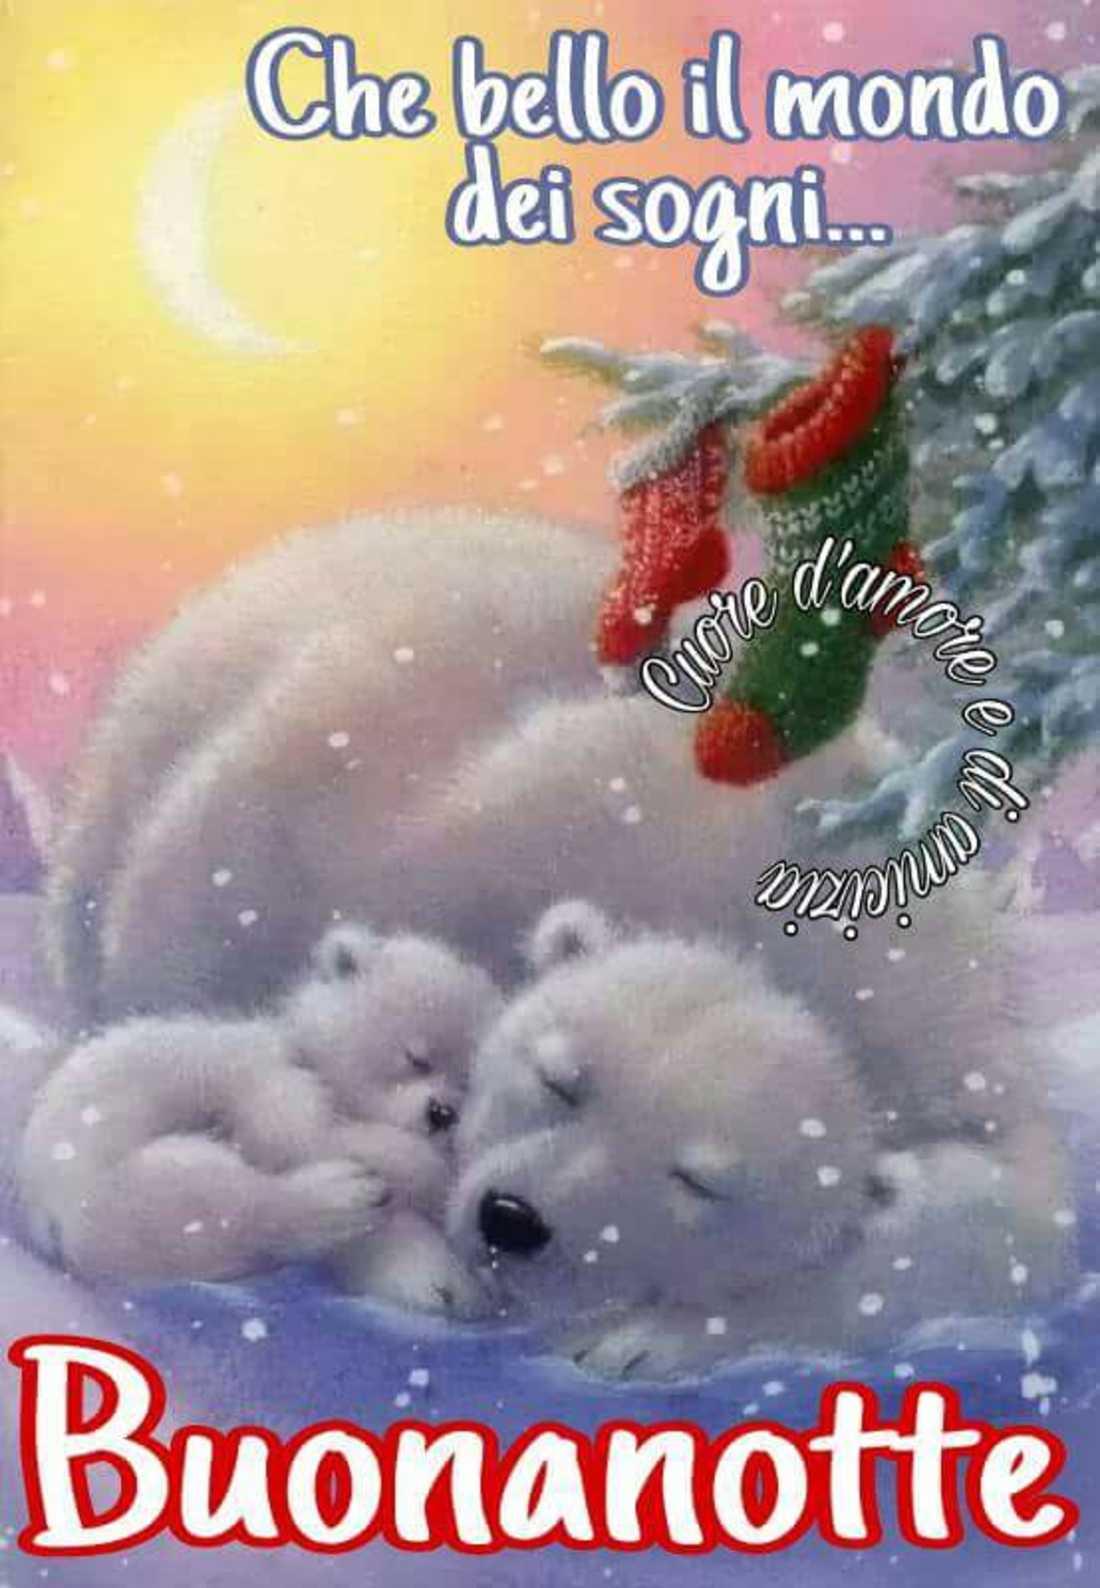 Buonanotte Natalizie Immagini 2 Immaginiwhatsapp It